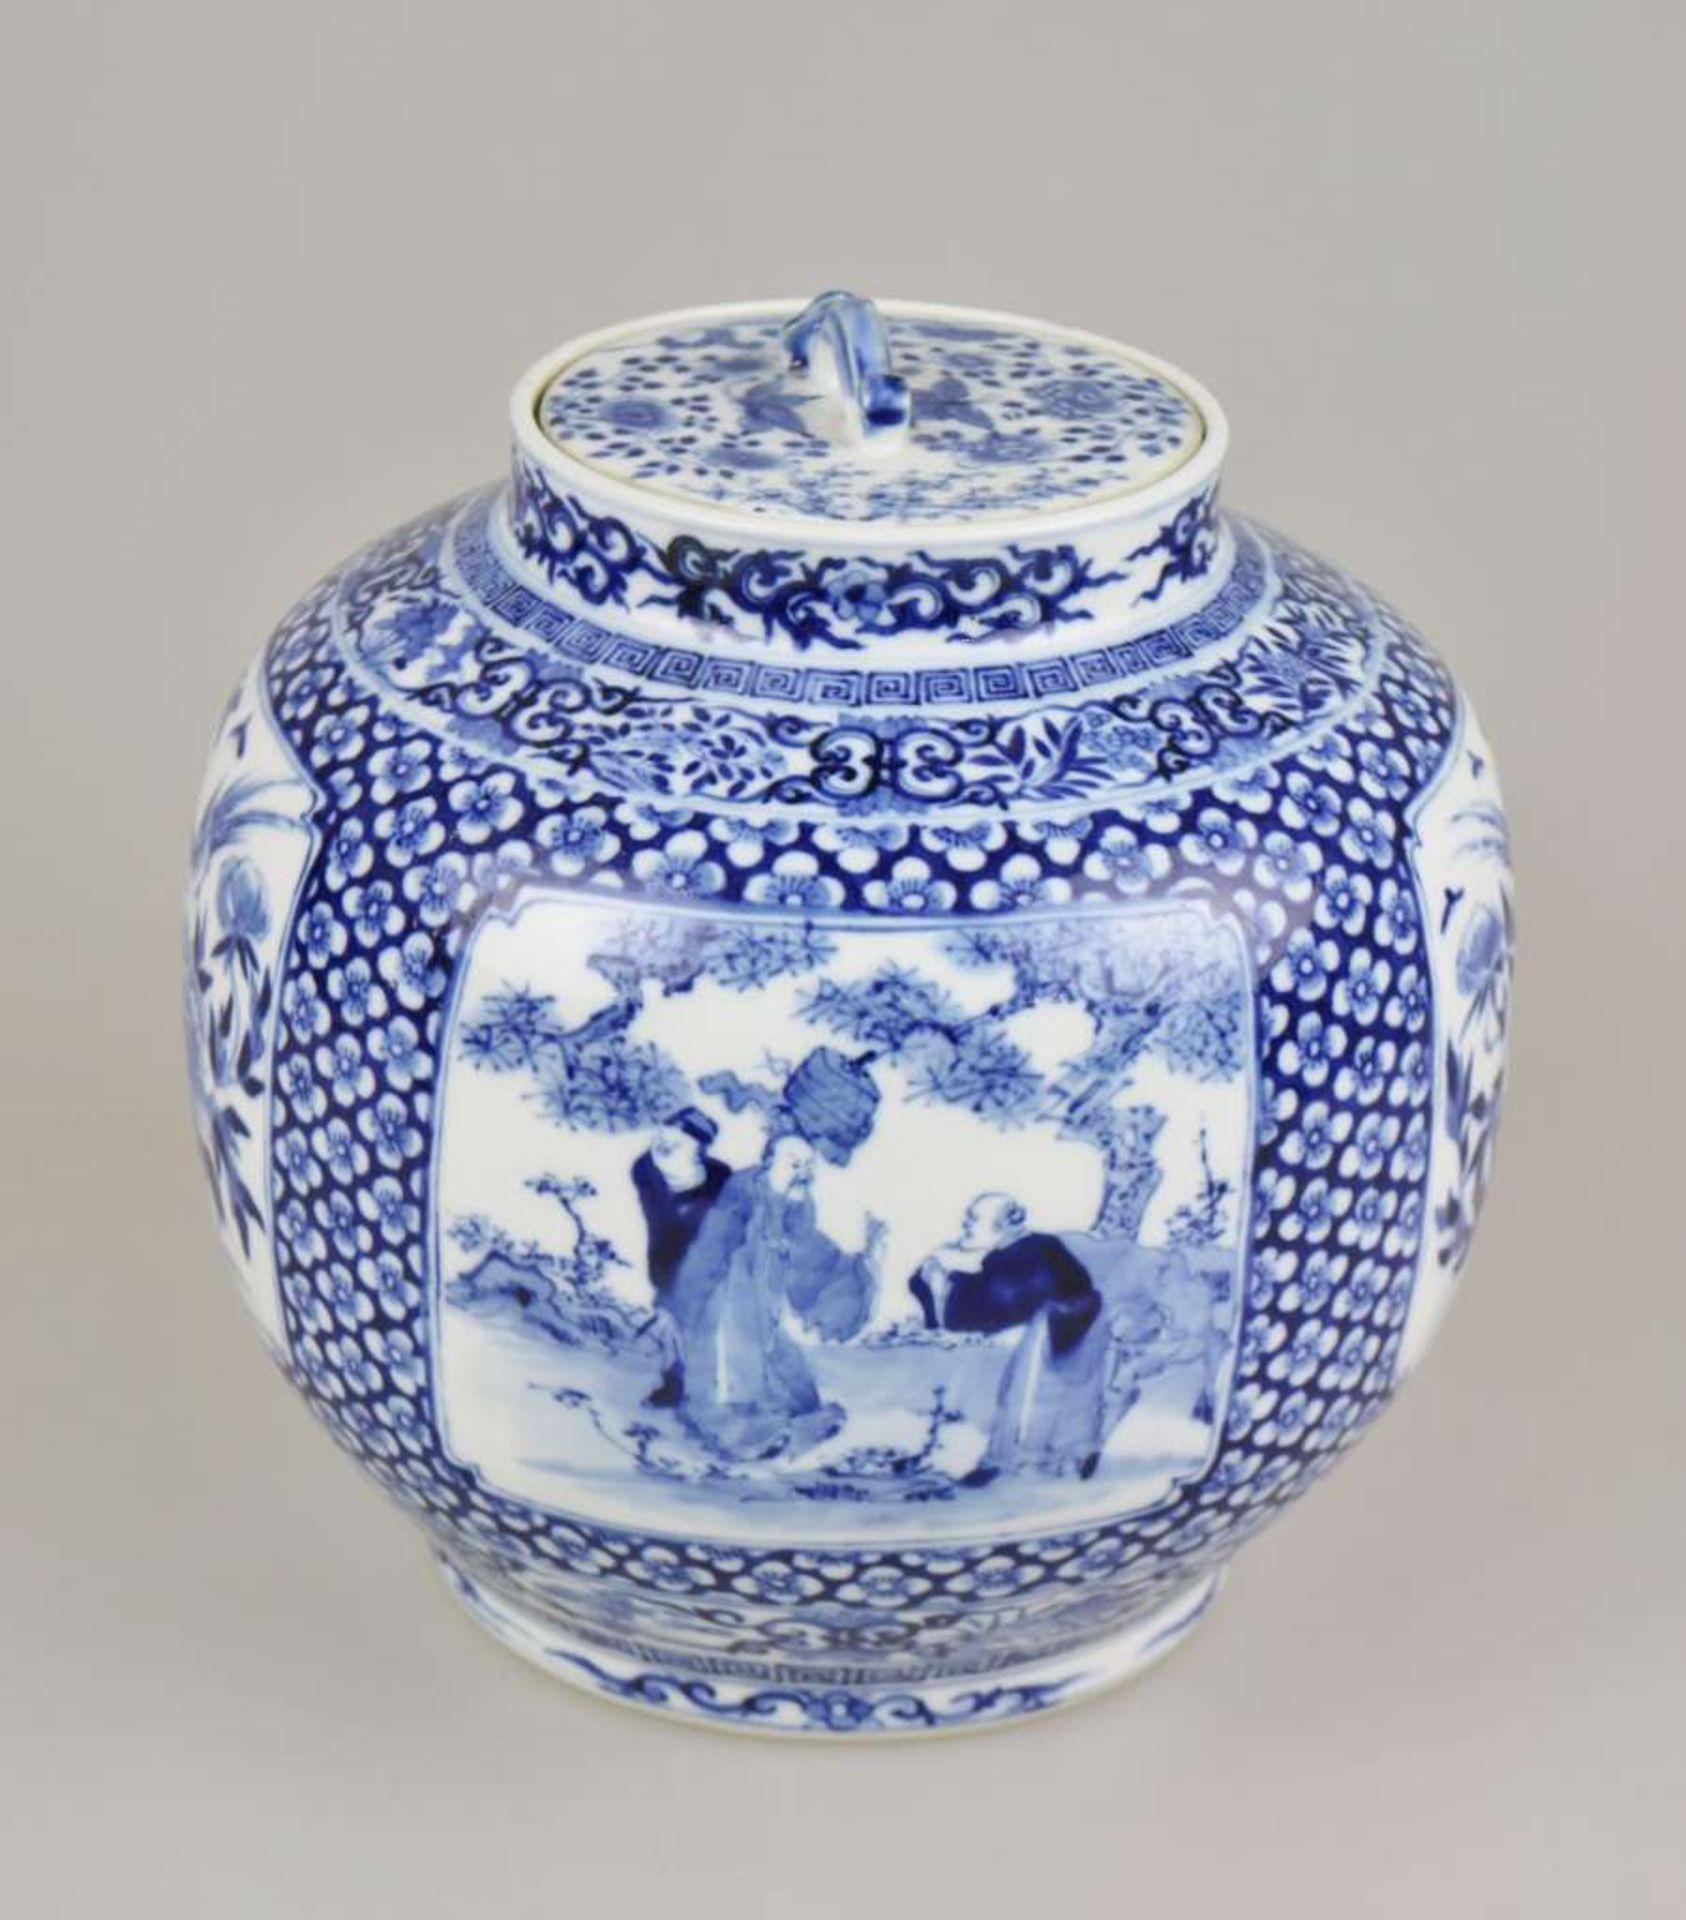 Großer Topf, China, Blau-Weiß mit Flachdeckel, Qing-Dynastie (1644-1911). Kugeliger, leicht g - Bild 2 aus 6